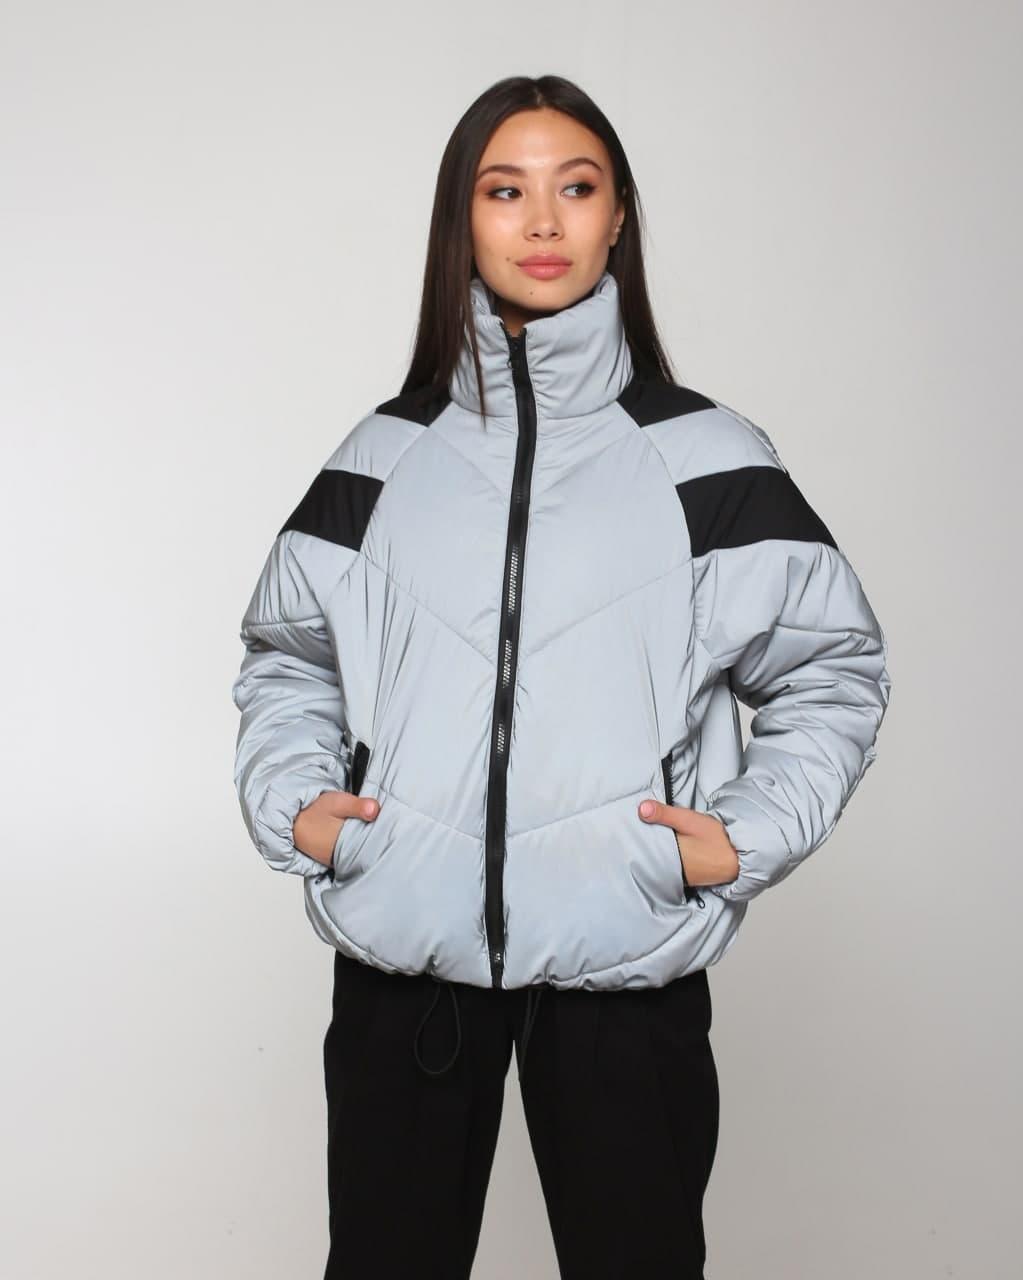 Женская теплая рефлективная светоотражающая куртка Кейт, курточка на молнии, турецкое качество, молодежная